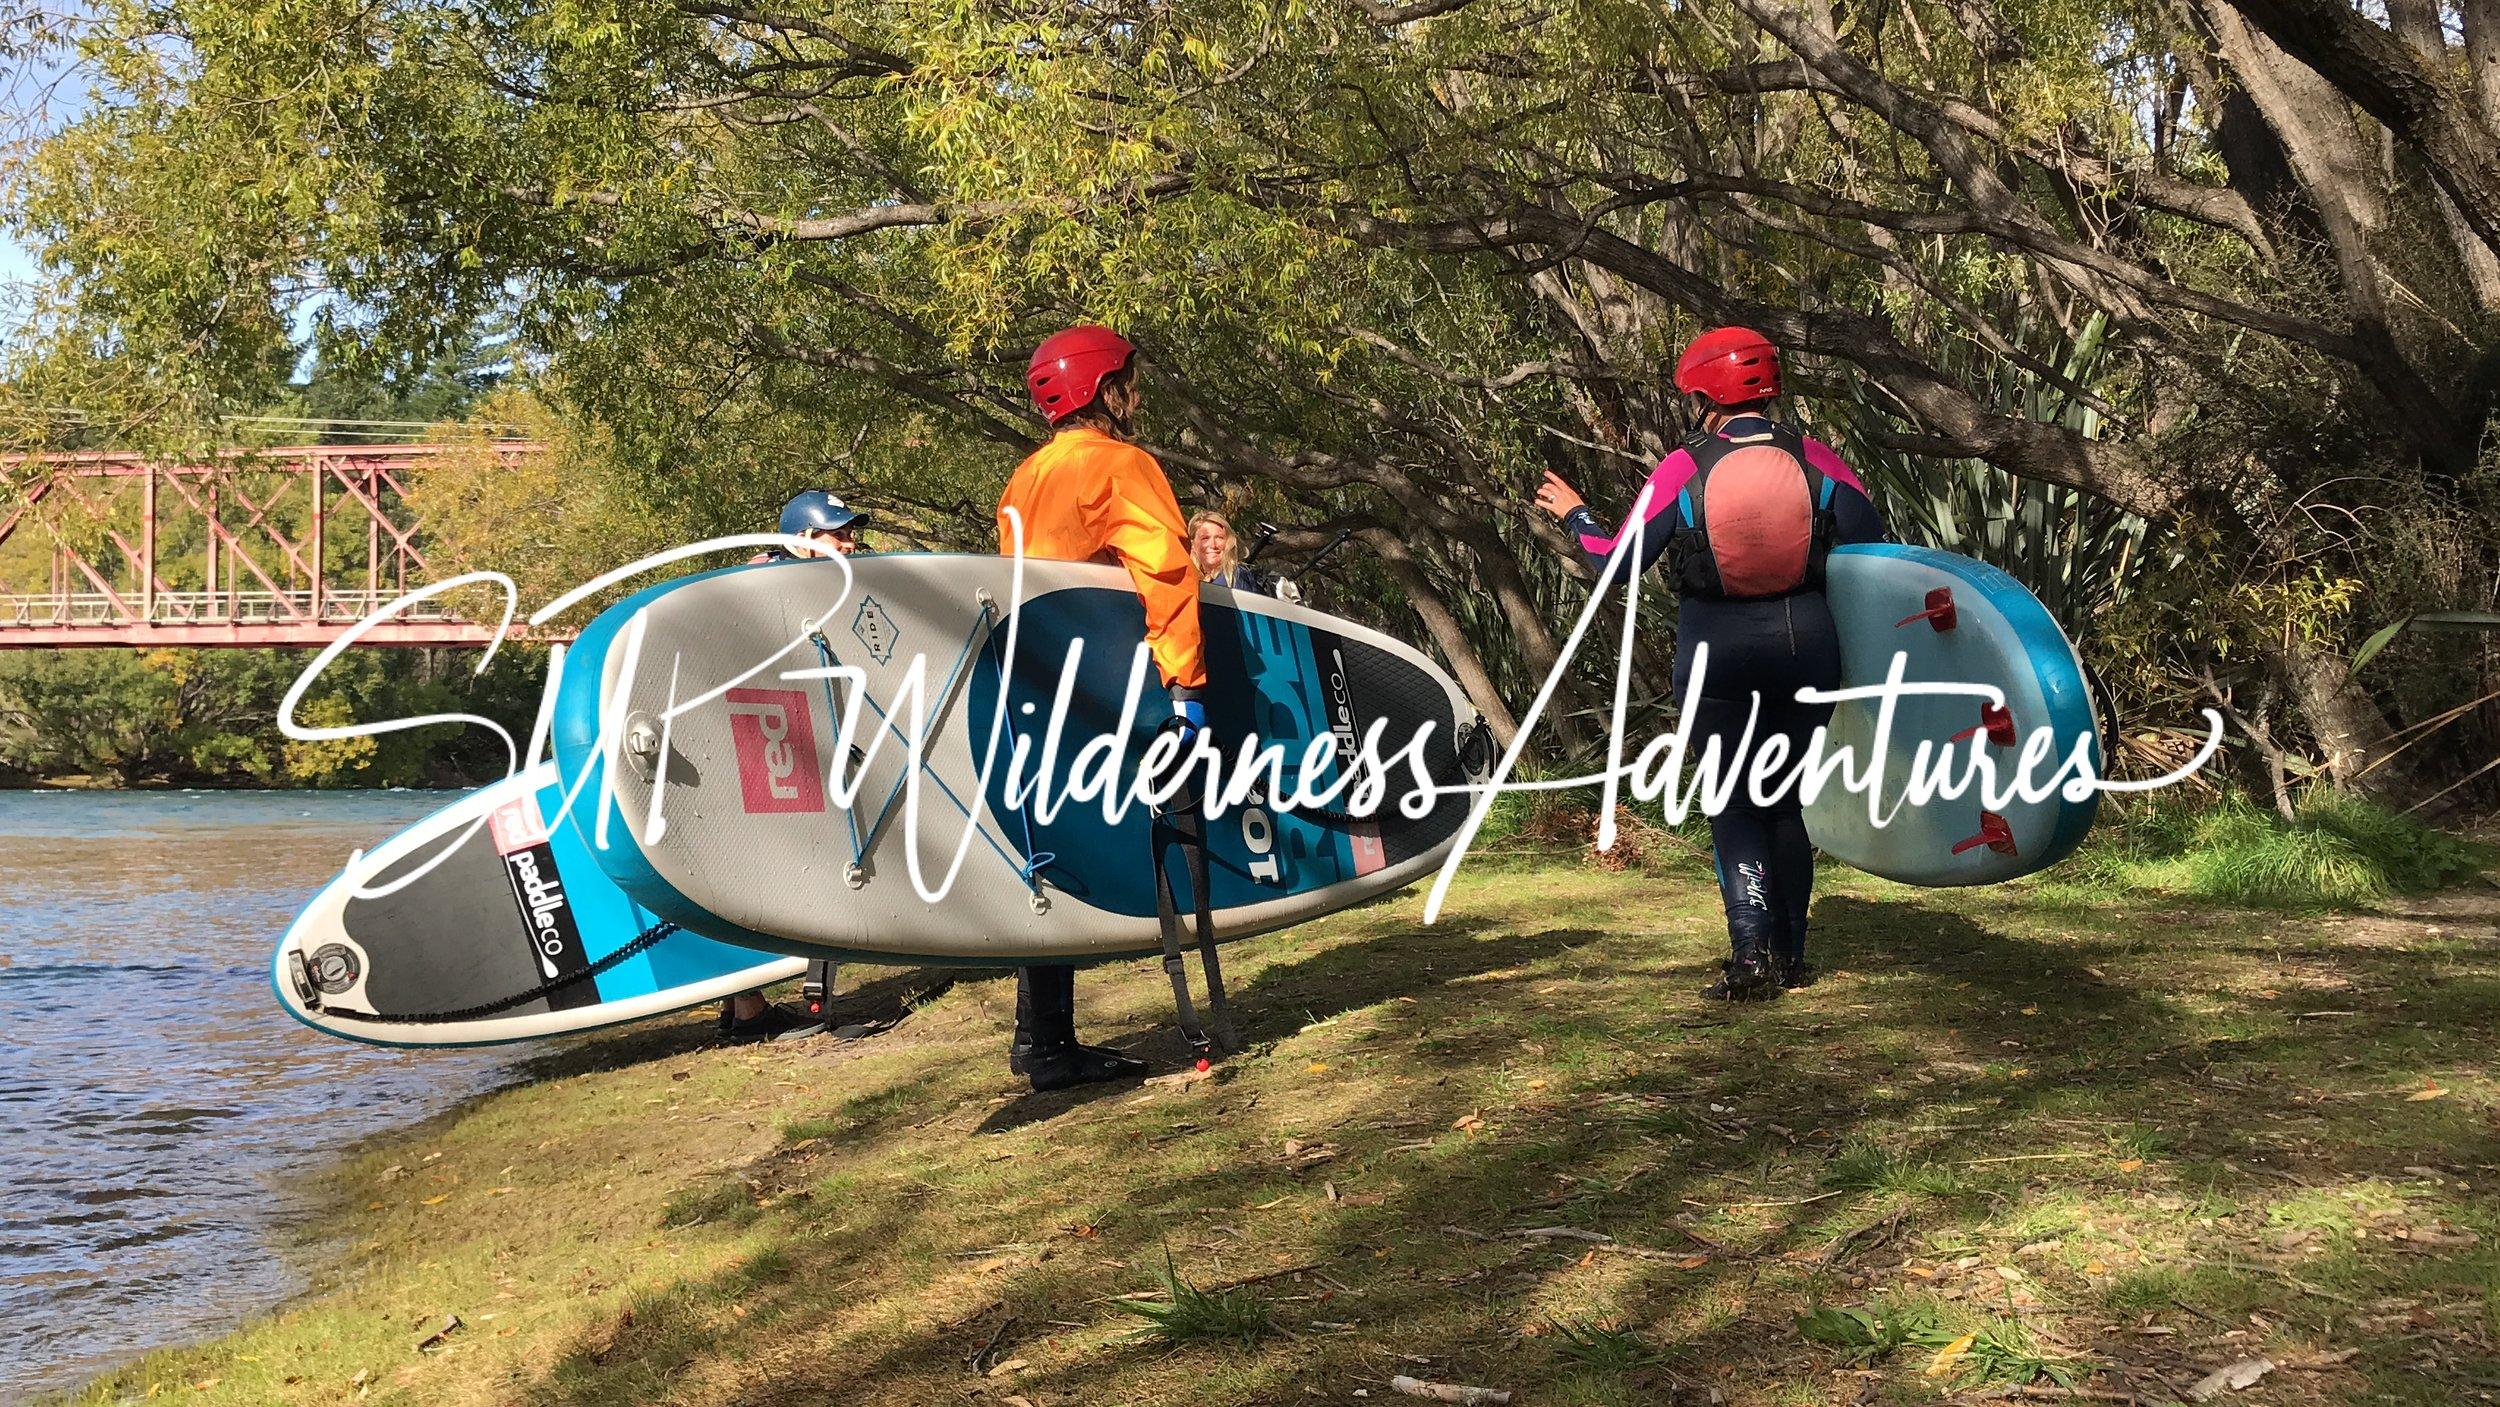 SUP Wilderness Adventures NZ (24).jpg